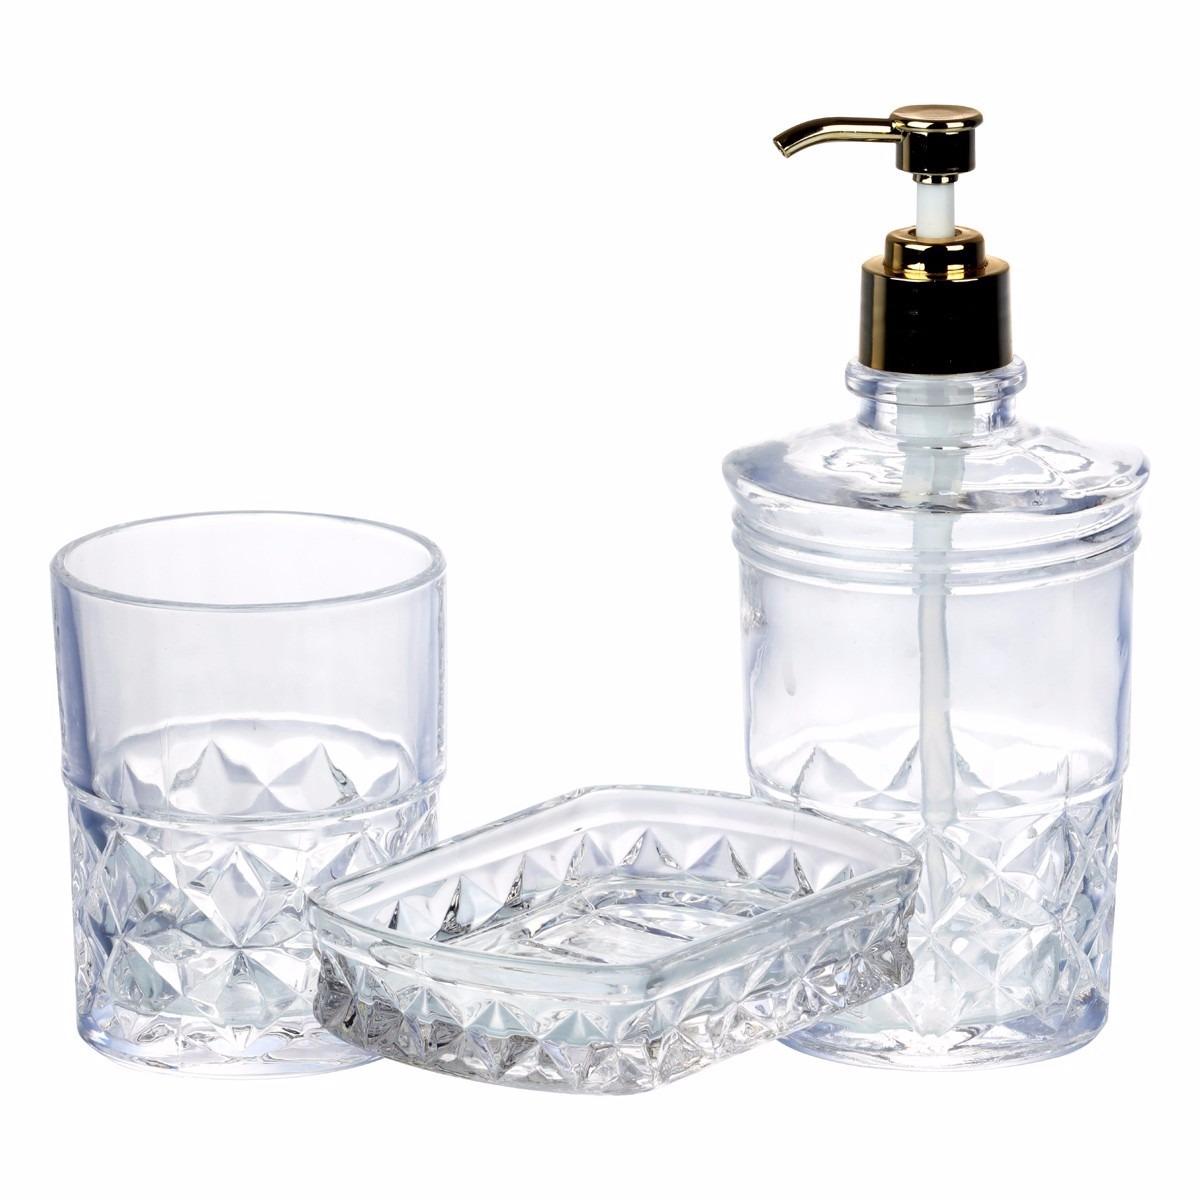 Kit Banheiro 3 Peças Lixeira Inox 2 Peças : Jogo pe?as banheiro kit saboneteira vidro tampa dourado